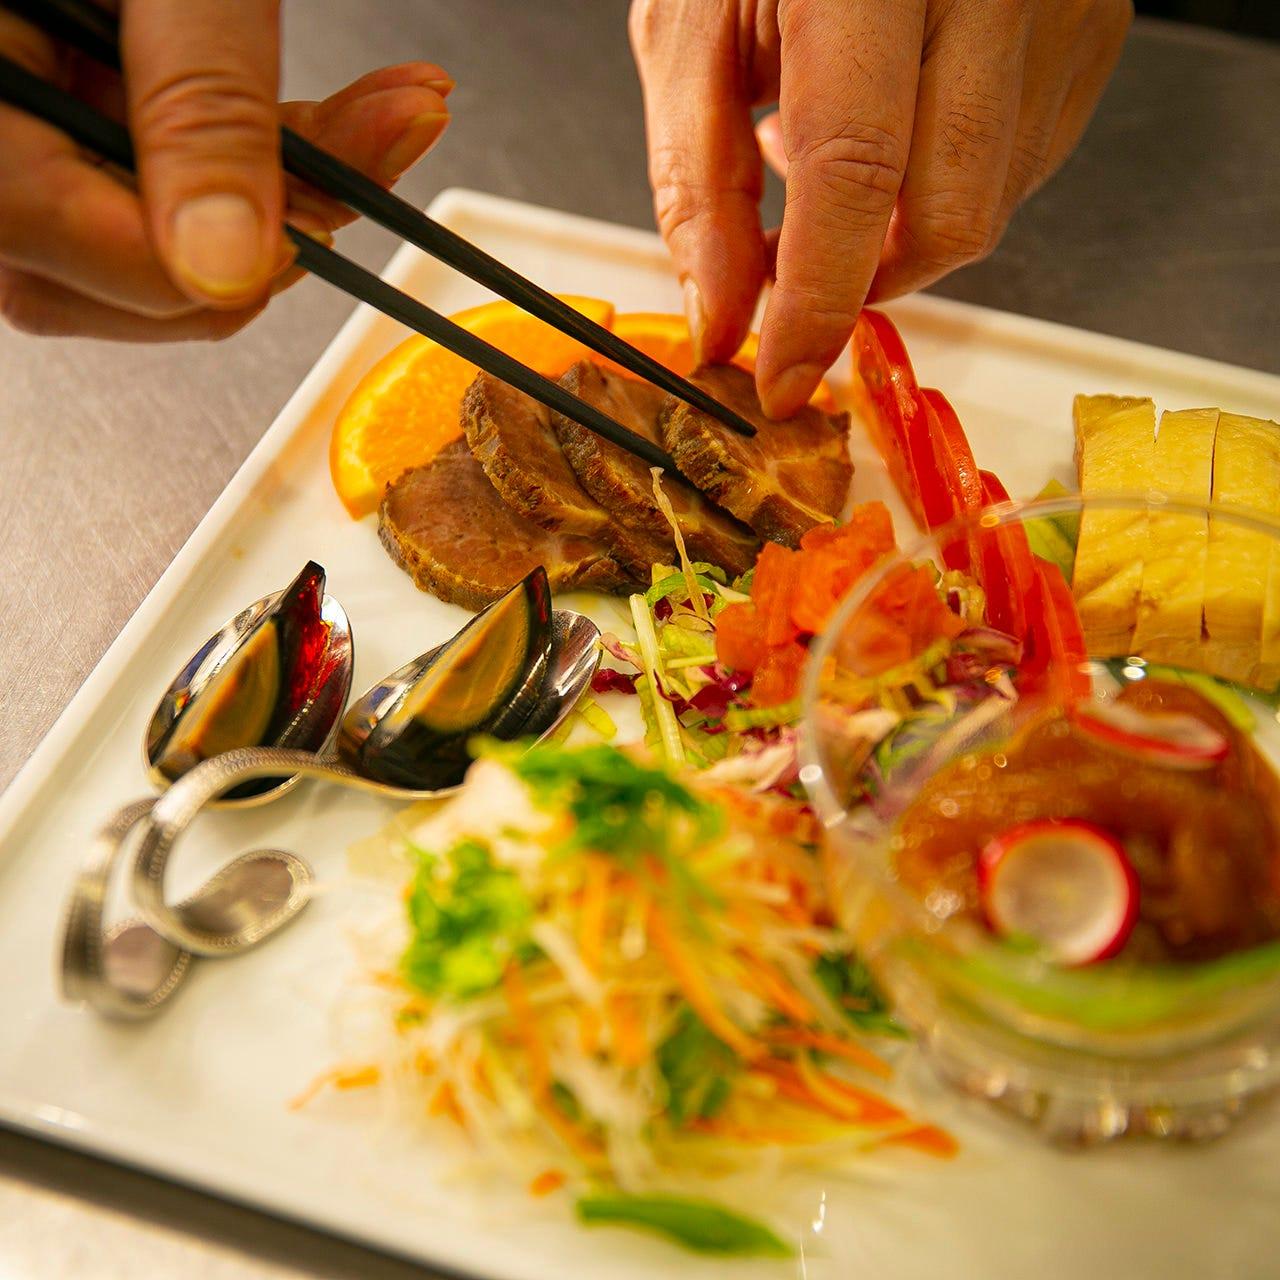 シンプルな美味しさを心がけ、皆様にご満足いただける一皿を